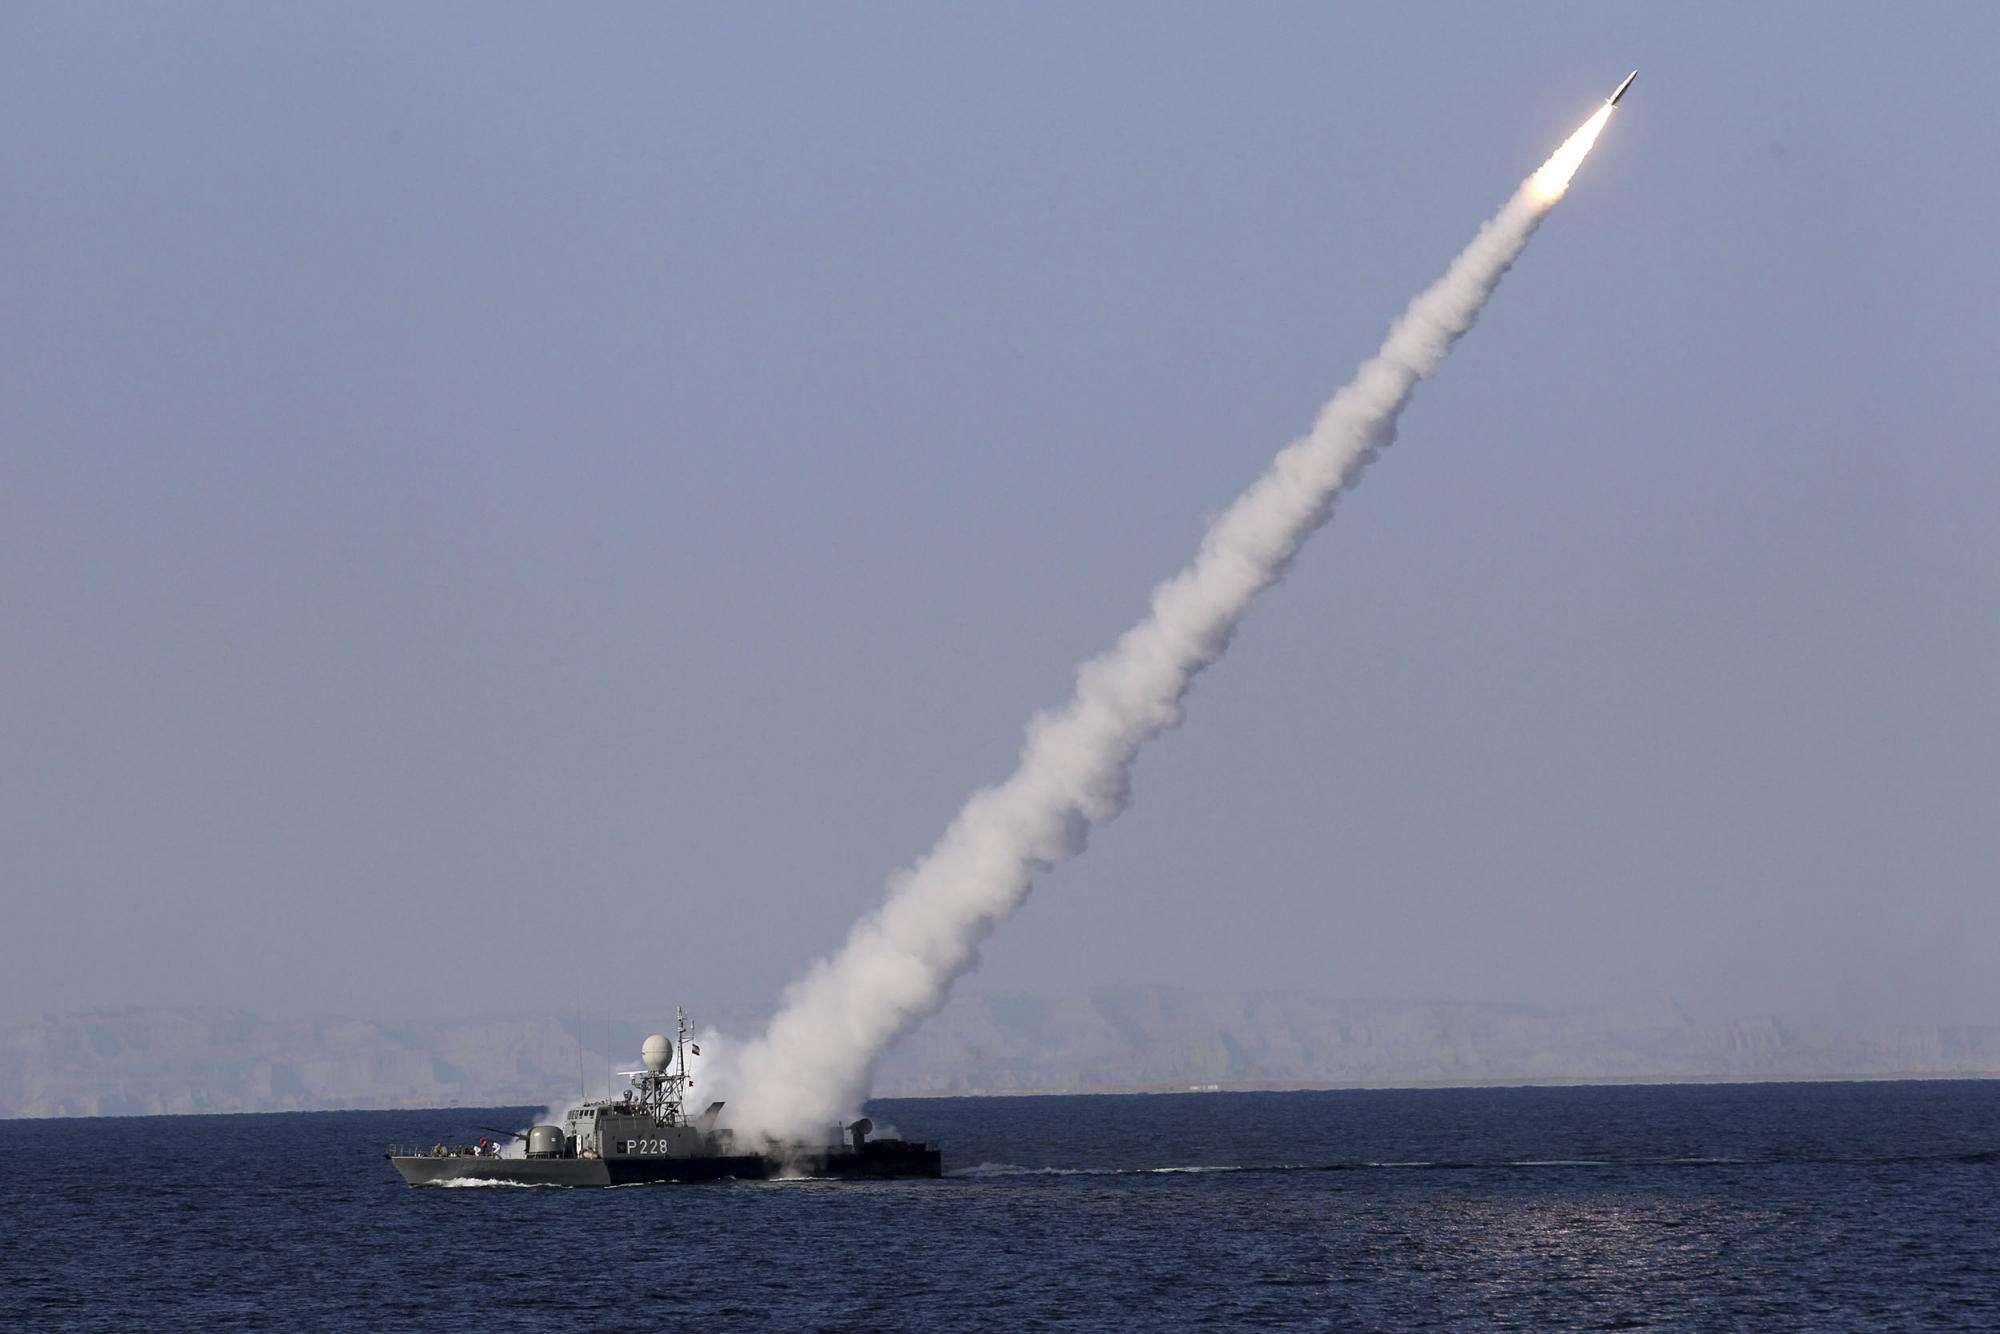 中国并不稀罕,乌克兰想卖这款战略利器,美国反对俄罗斯阻拦